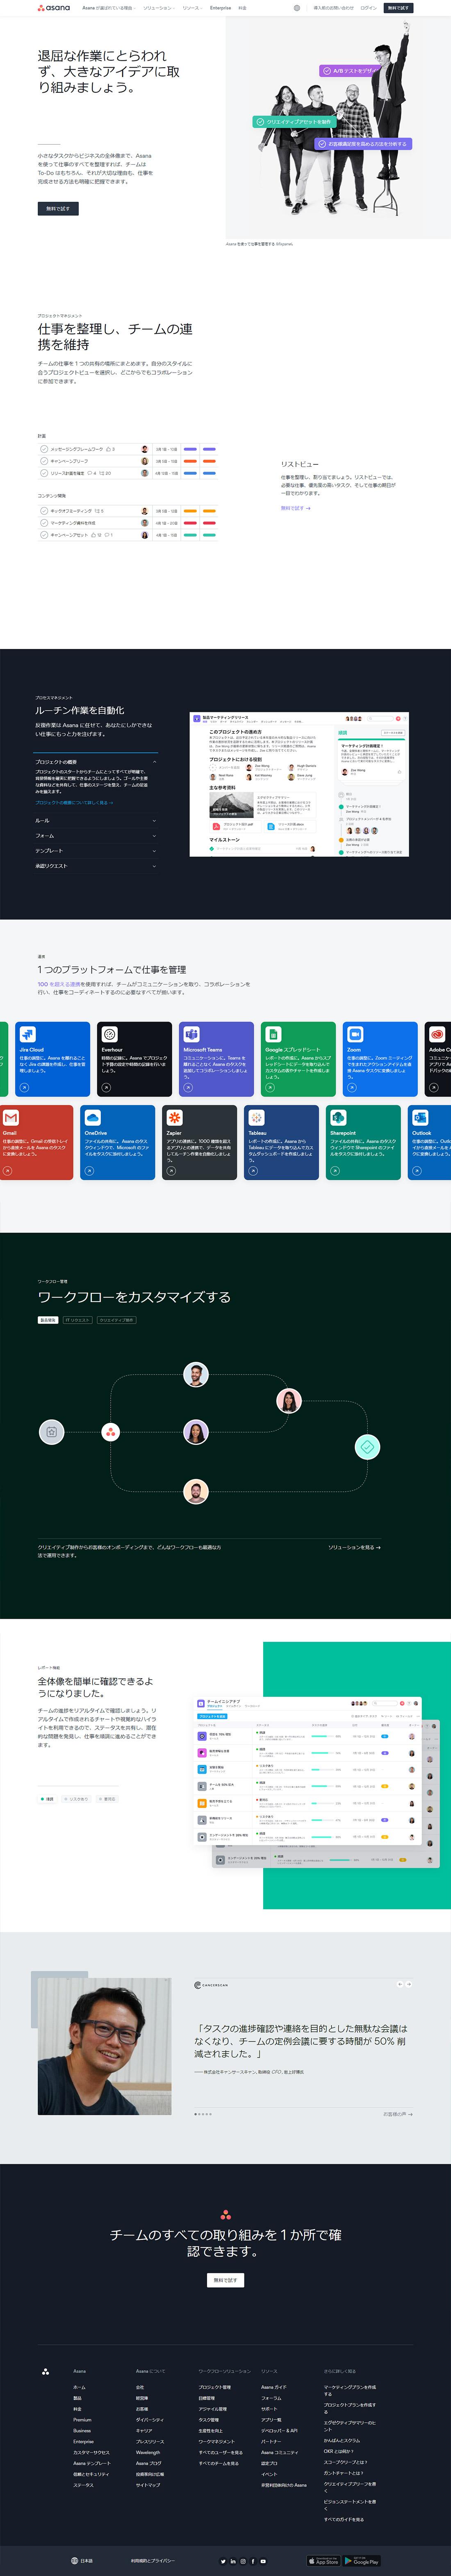 チームの仕事、プロジェクト、タスクをオンラインで管理 ・ Asana